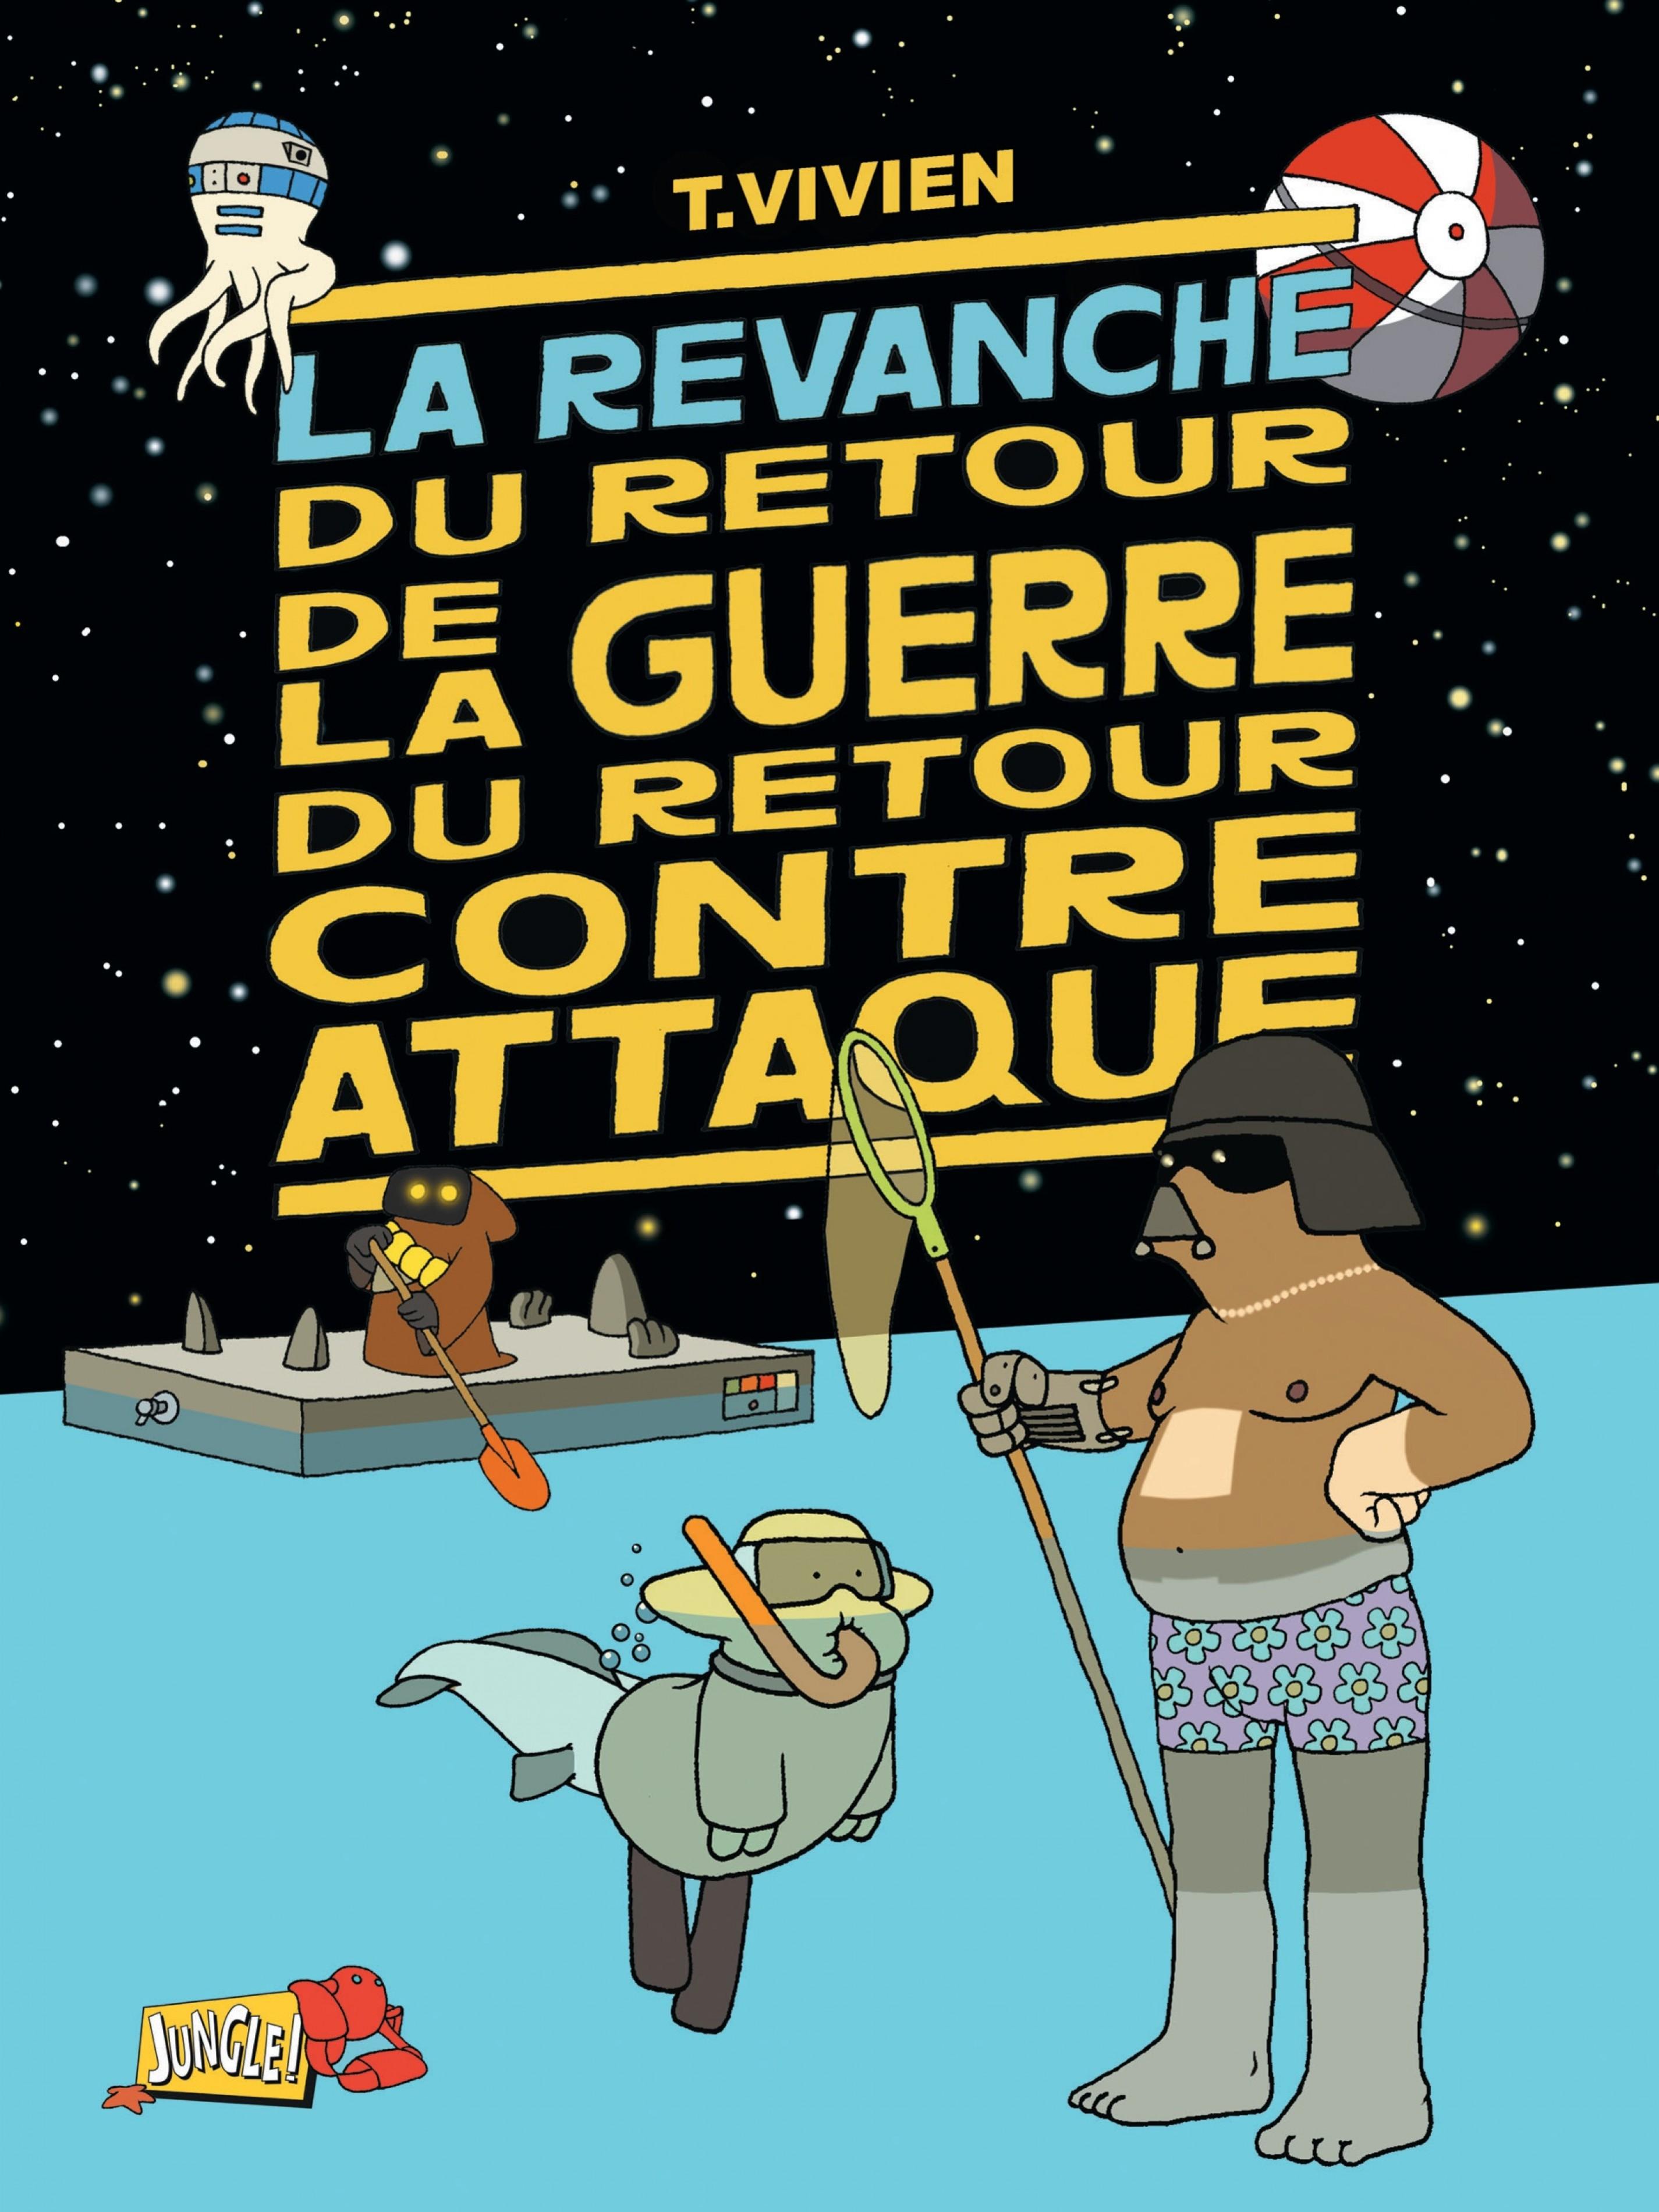 LA REVANCHE DU RETOUR DE LA GUERRE DU RETOUR CONTRE ATTAQUE